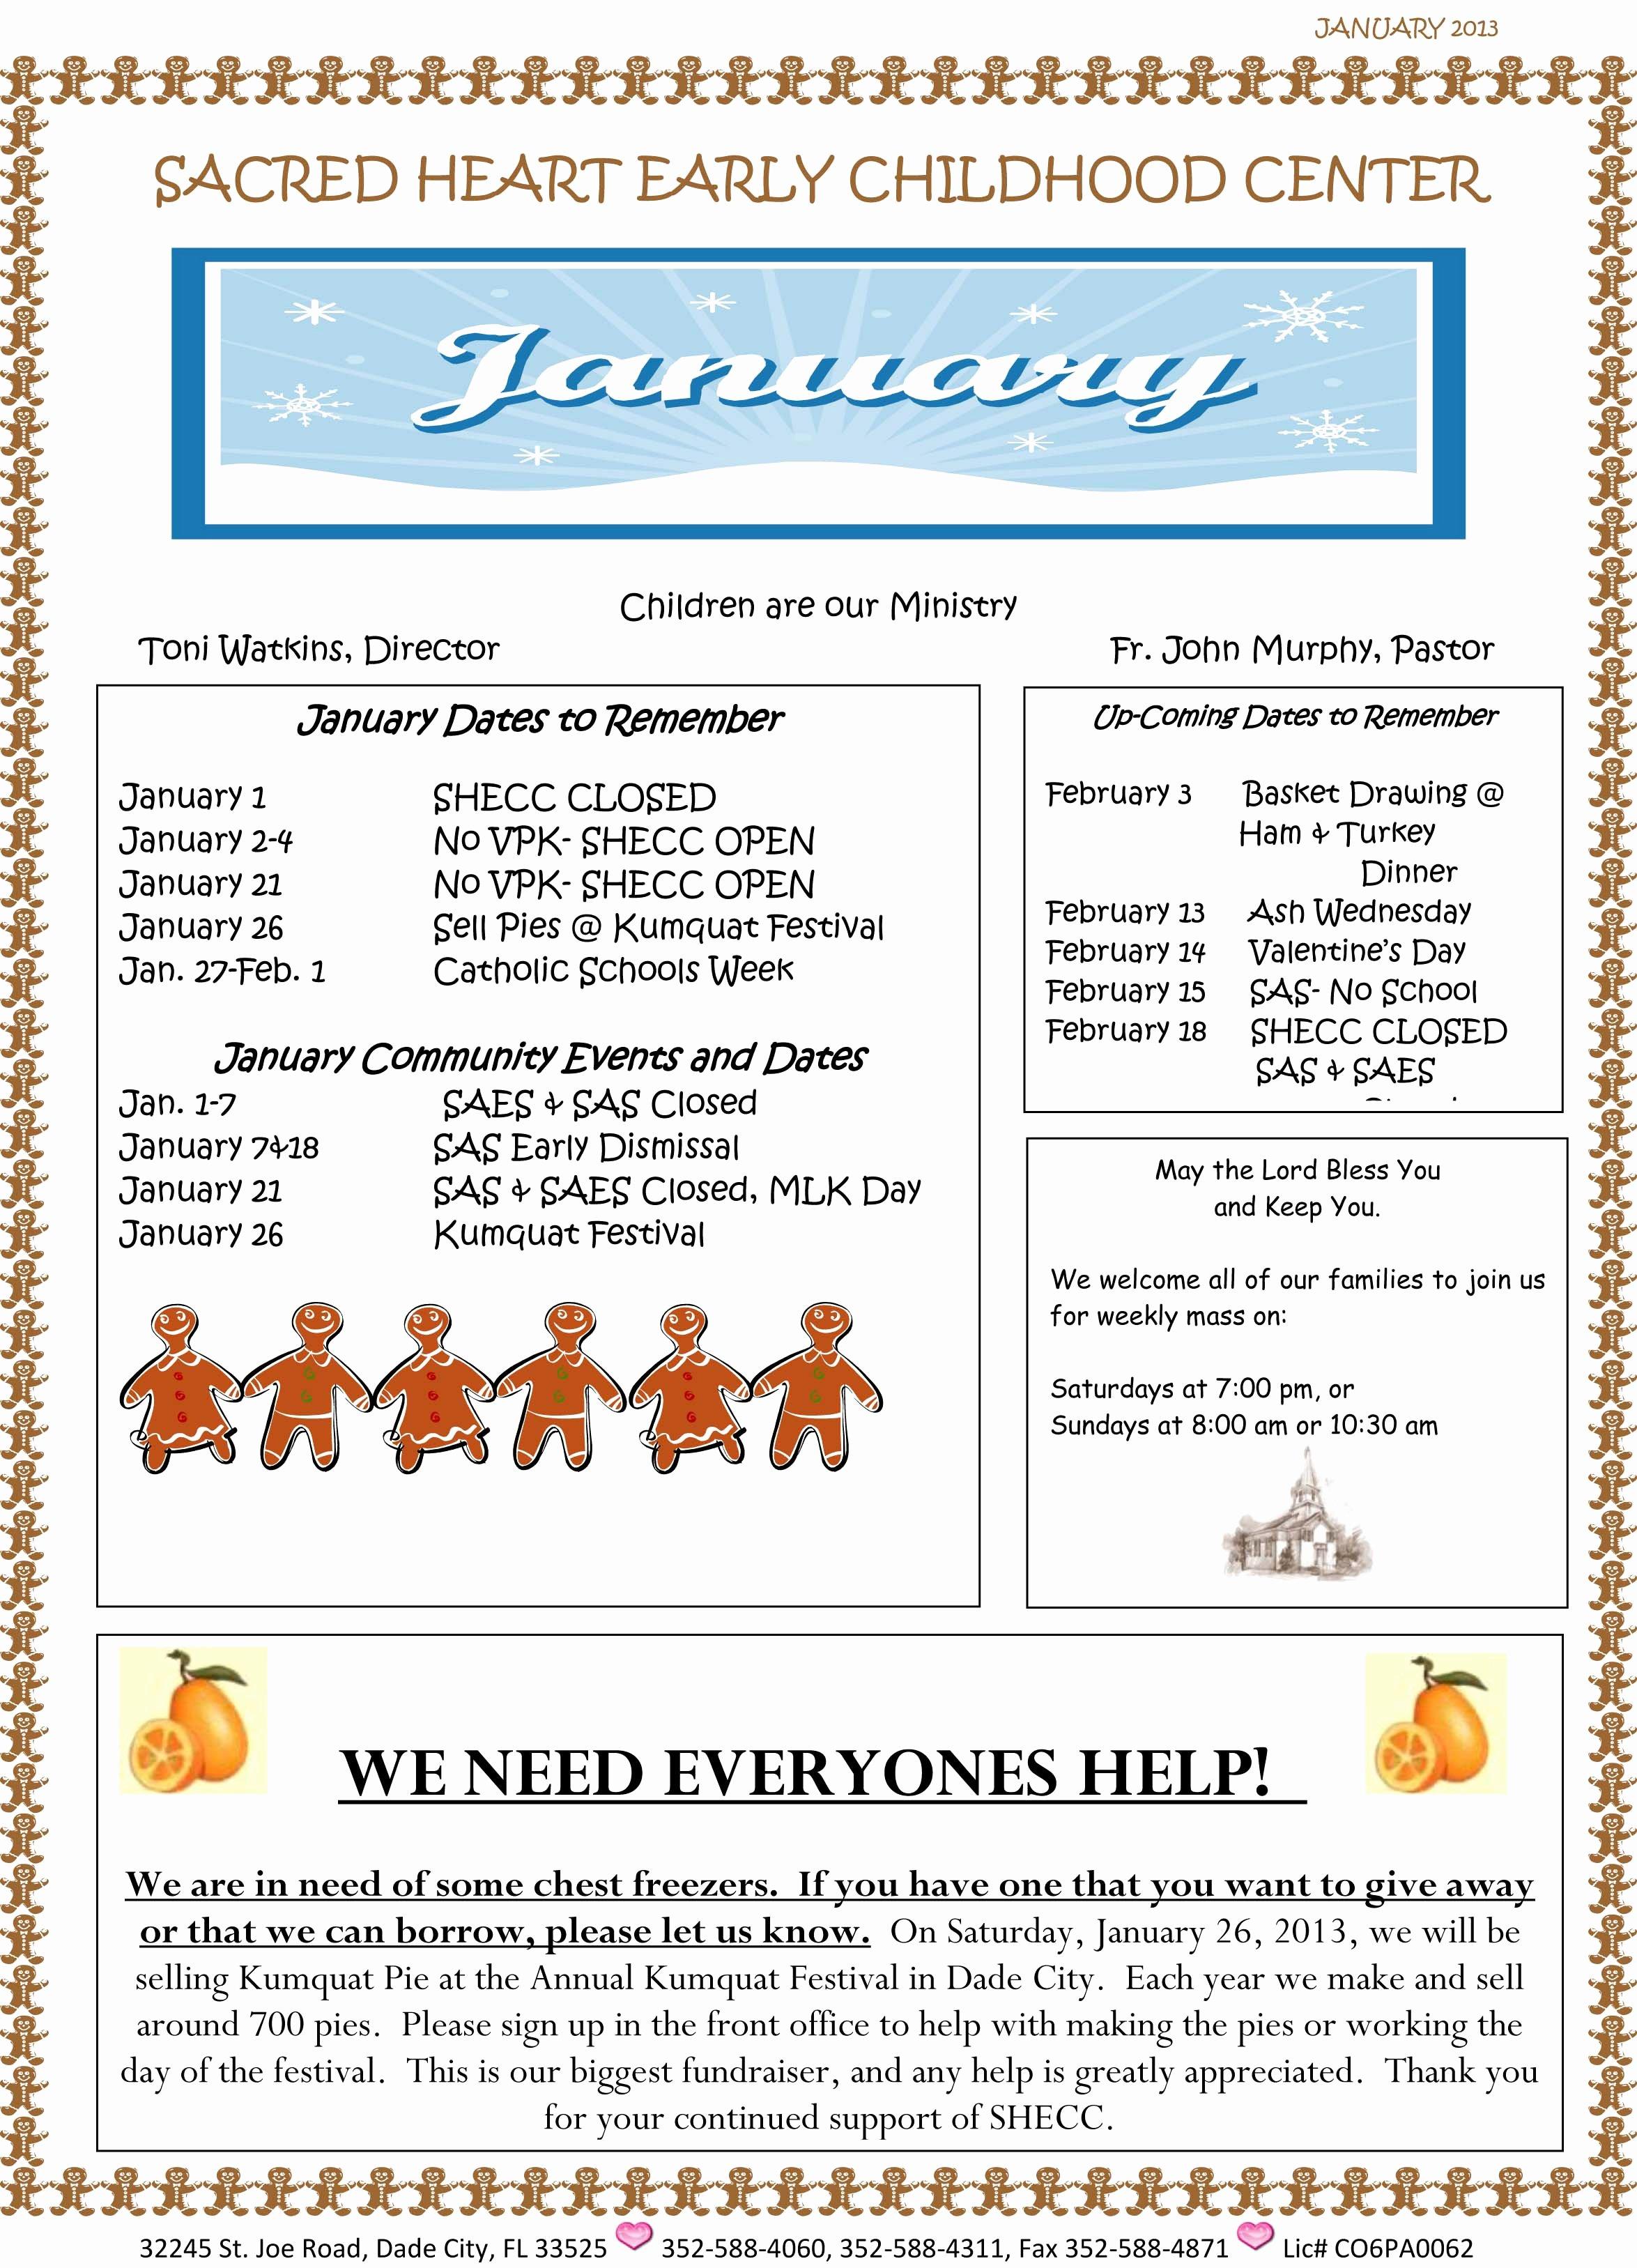 Child Care Newsletter Template Fresh January 2013 Newsletter – Sacred Heart Early Childhood Center